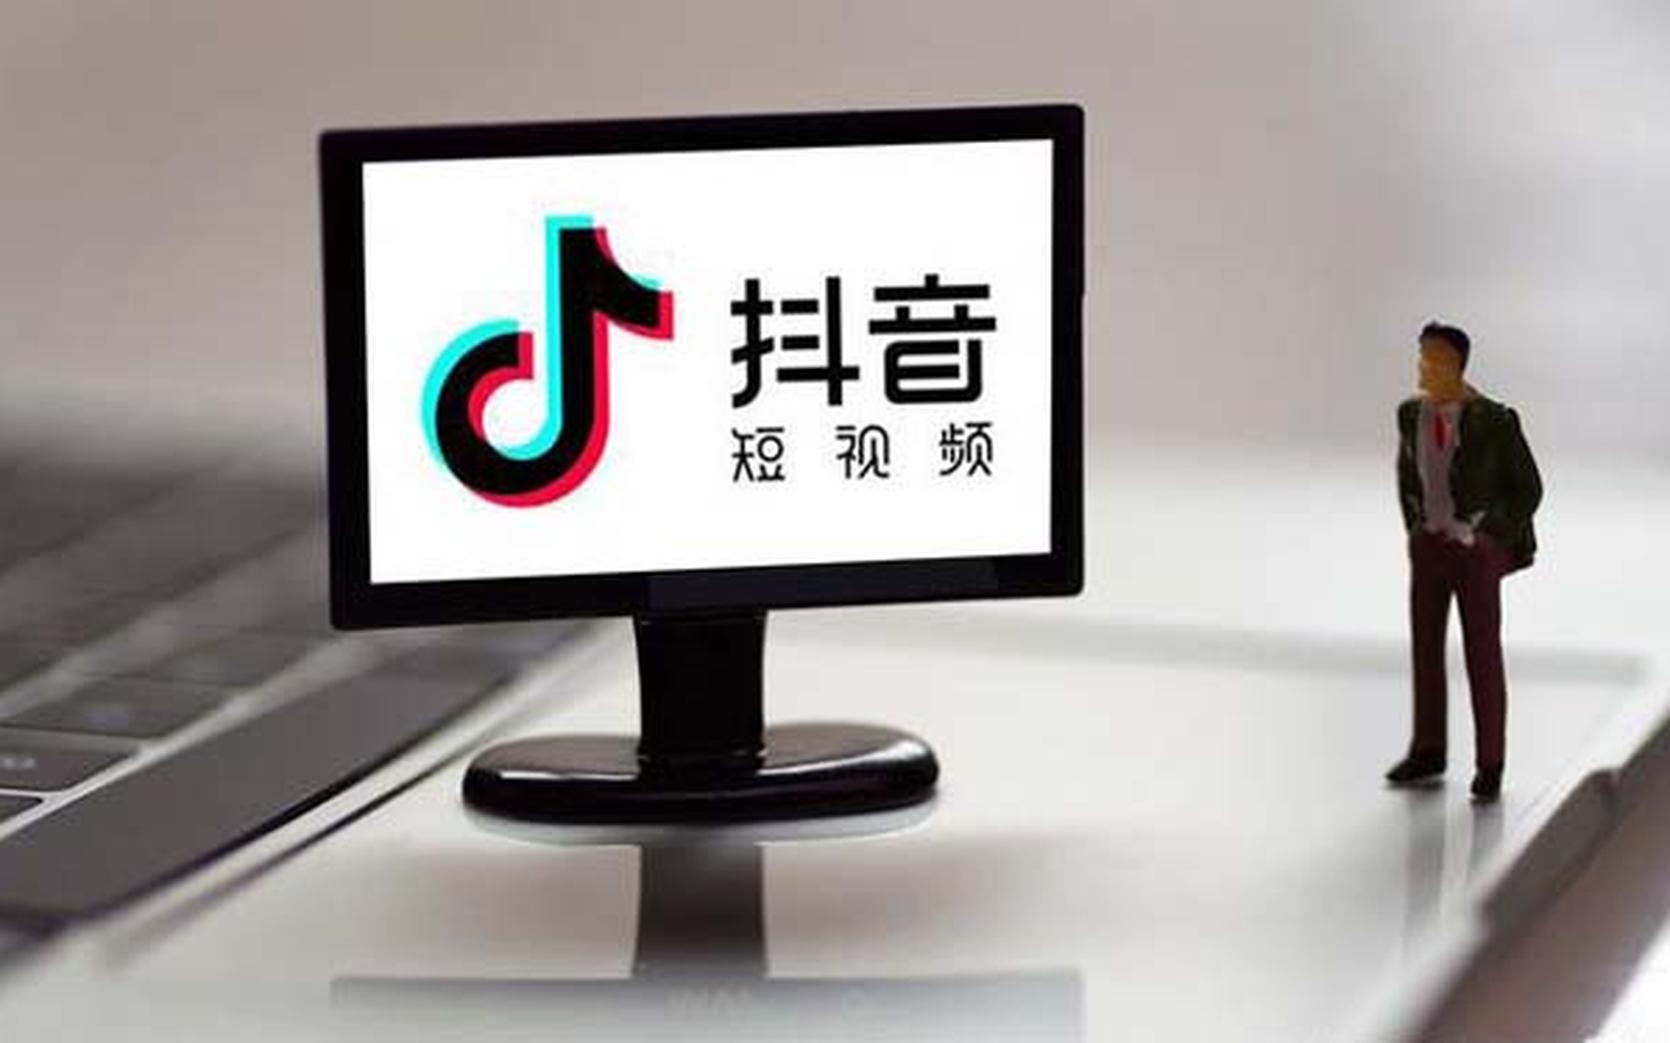 抖音代运营_小红书运营_抖音代运营公司_快手代运营_短视频代运营之间的关系